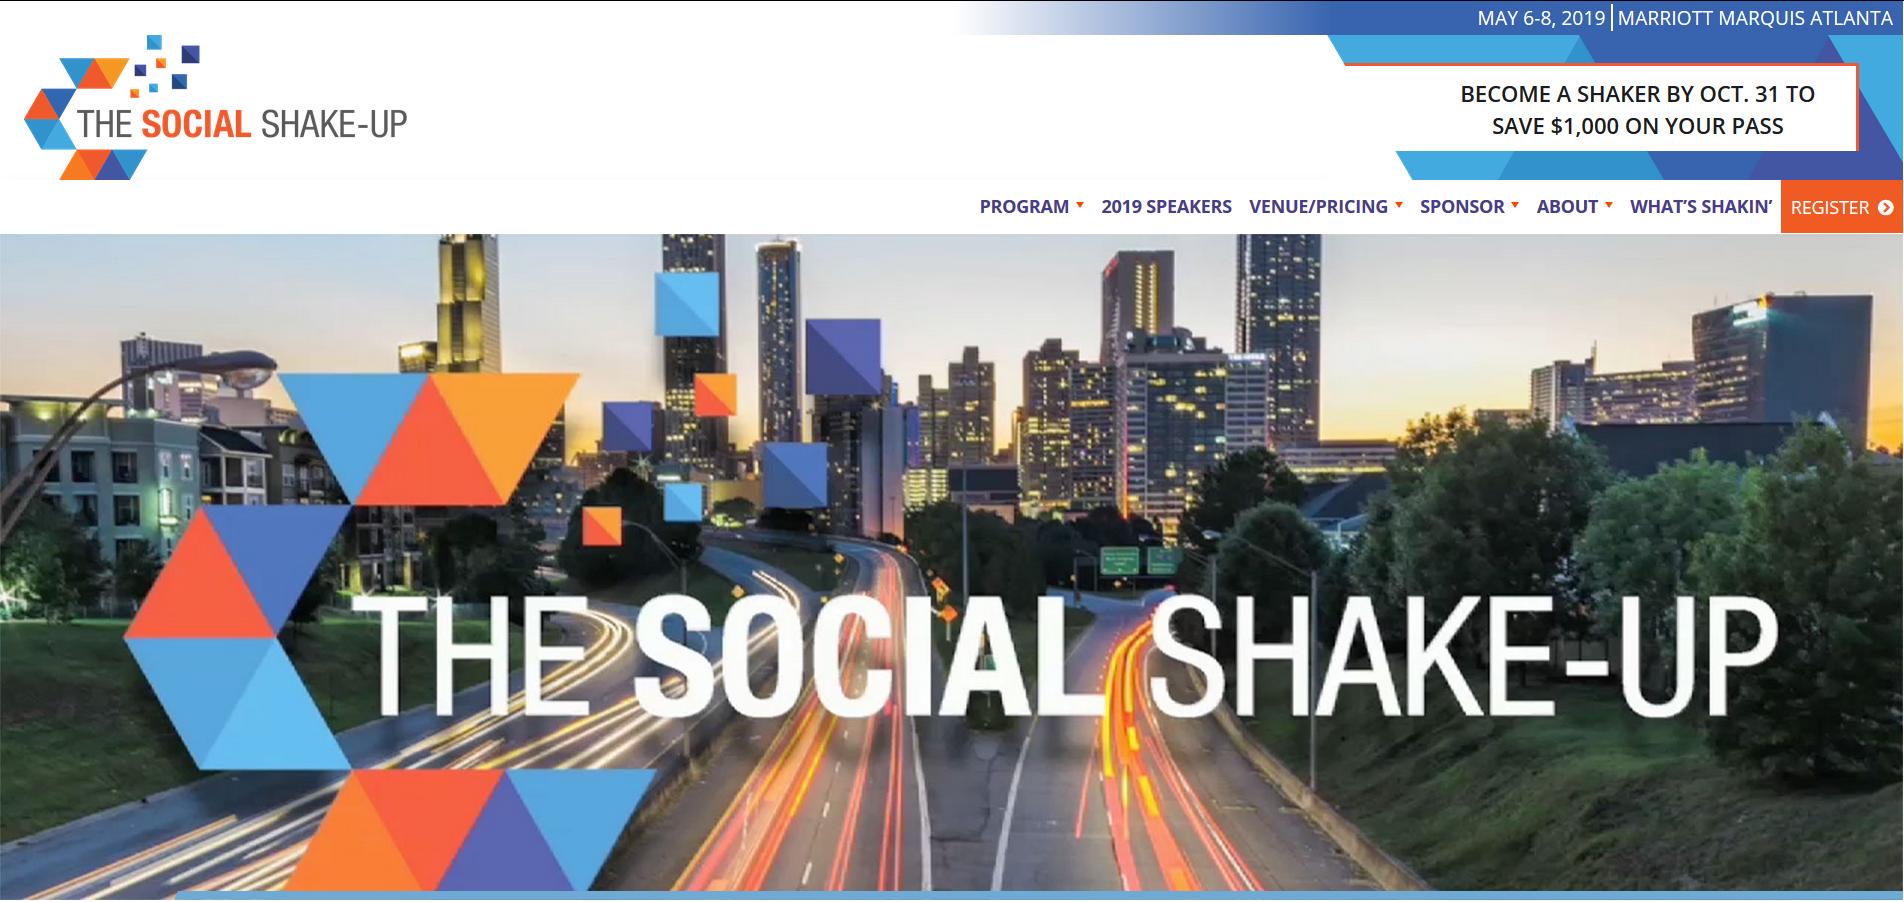 The Social Shake-Up is held in Atlanta